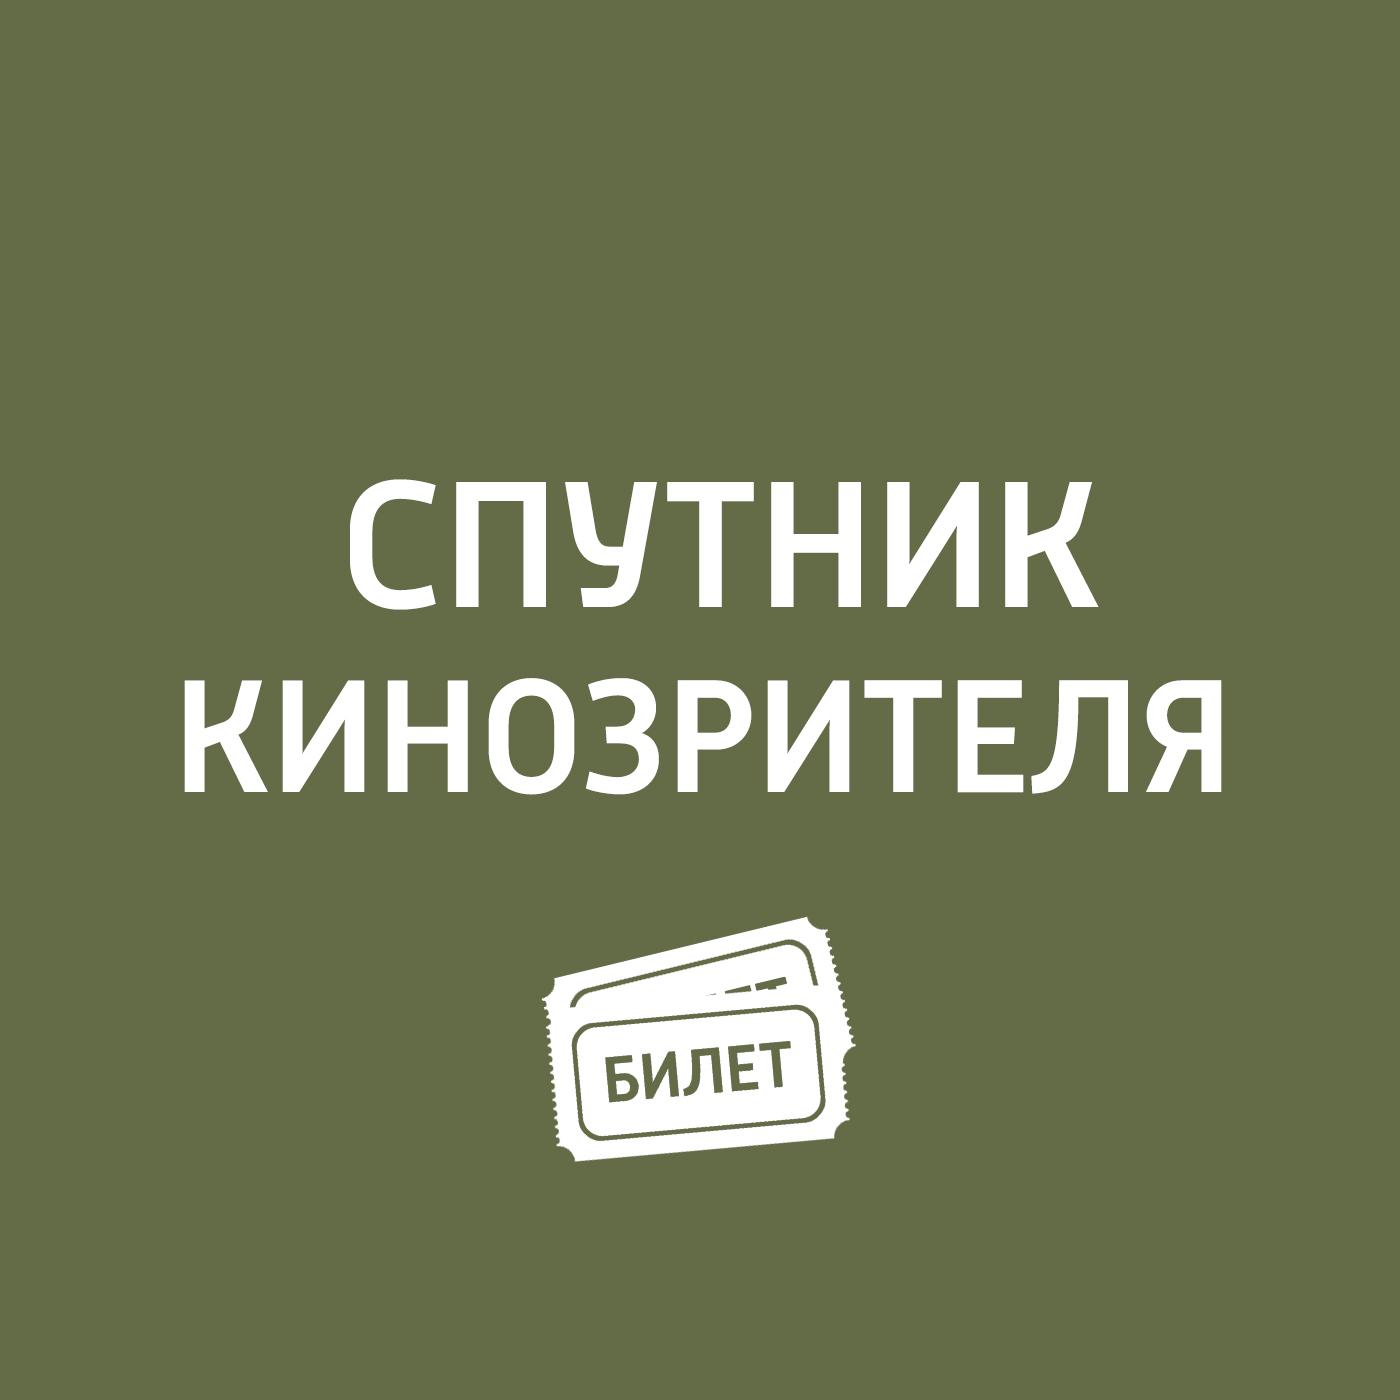 Антон Долин